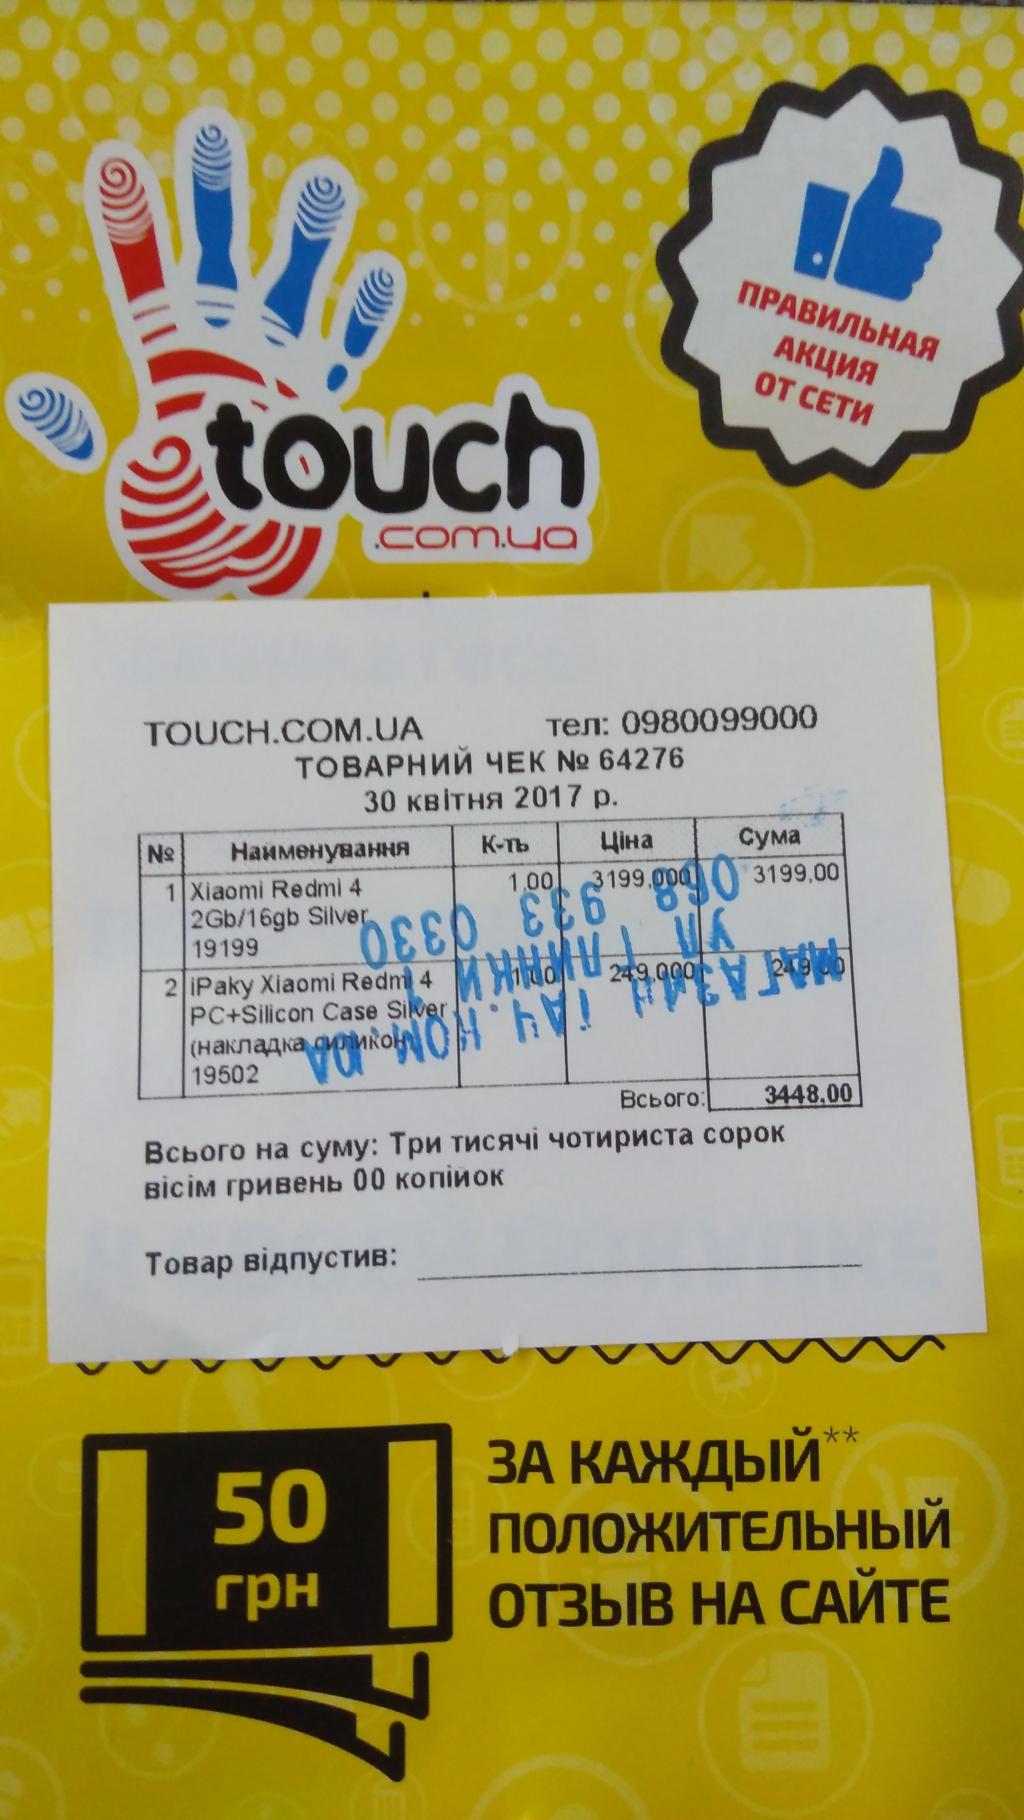 touch.com.ua - Спасибо за покупку!!!